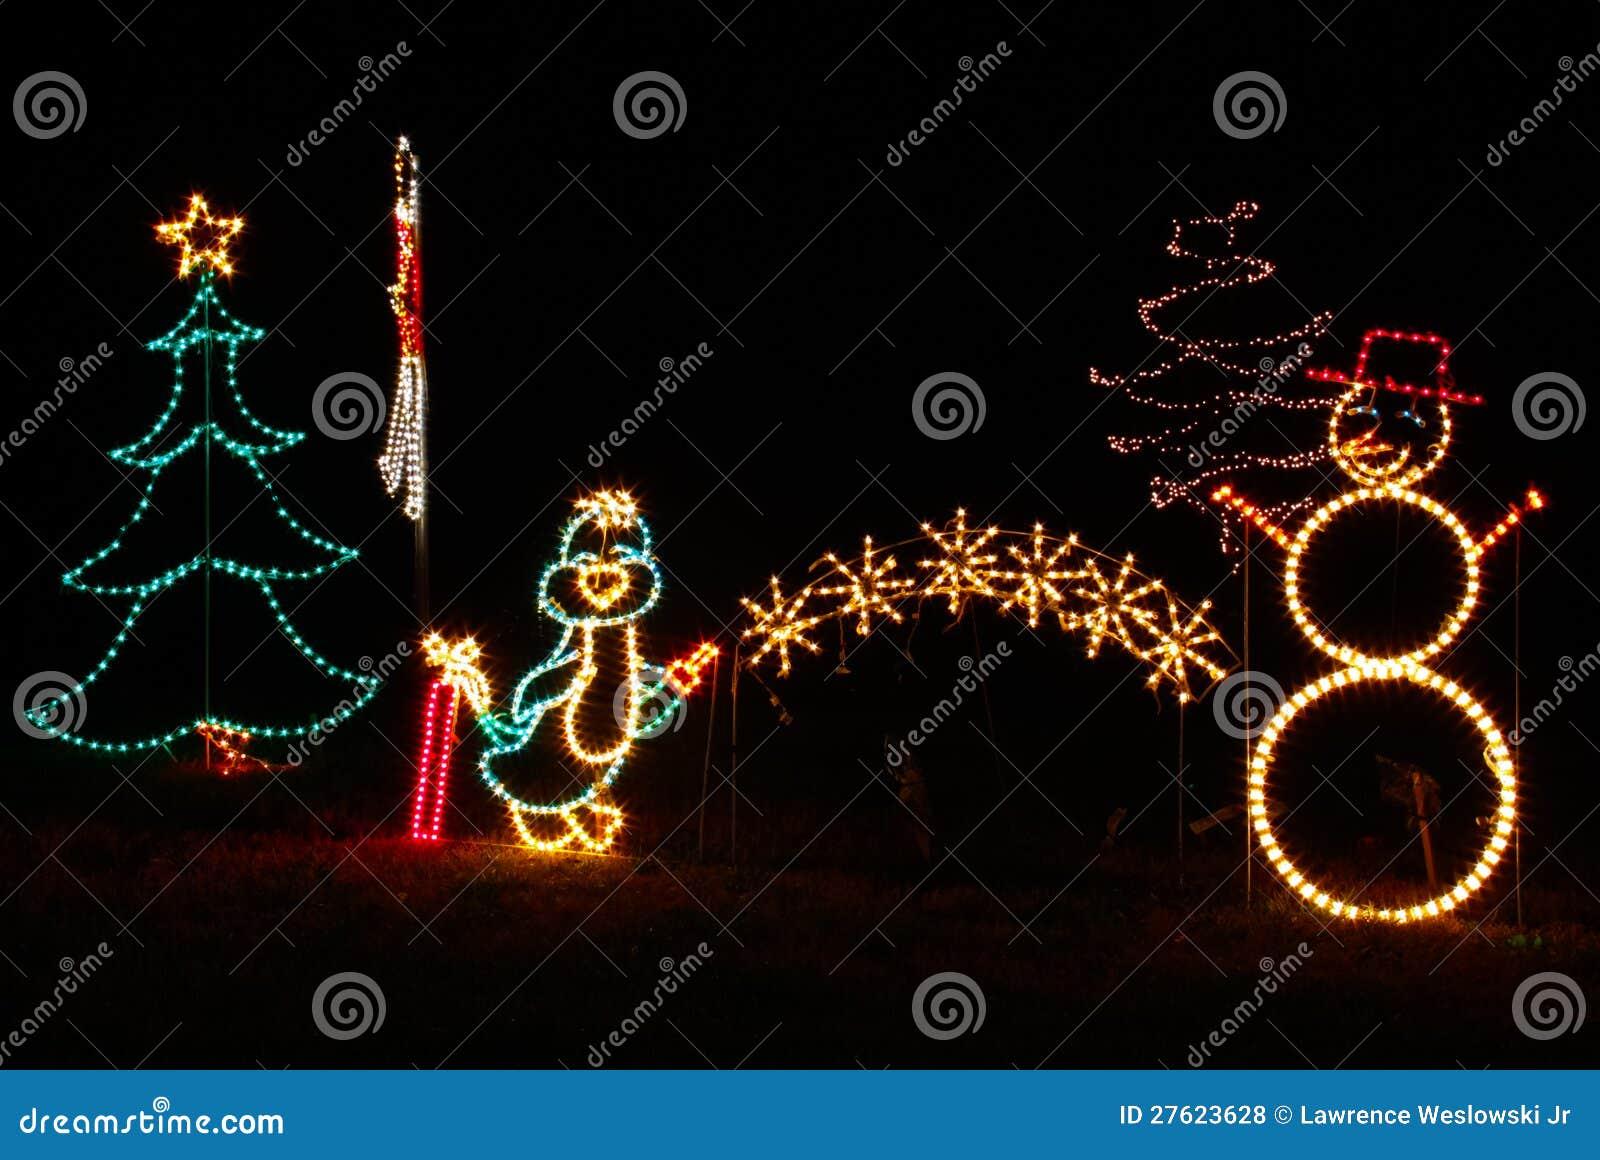 4 Christmas Tree With Lights